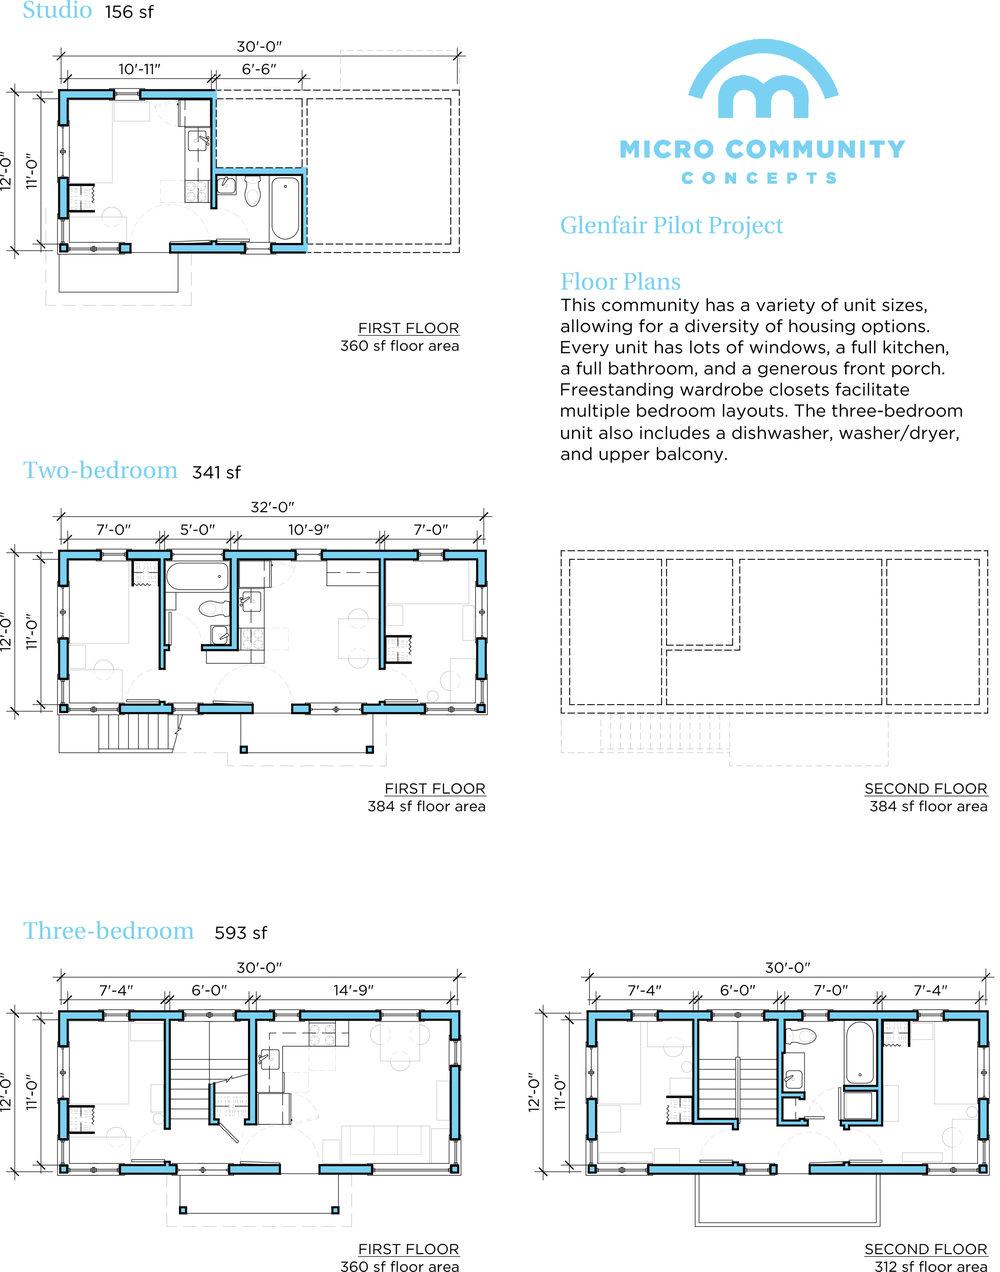 MCC--FLOOR-PLANS---PLOT.jpg